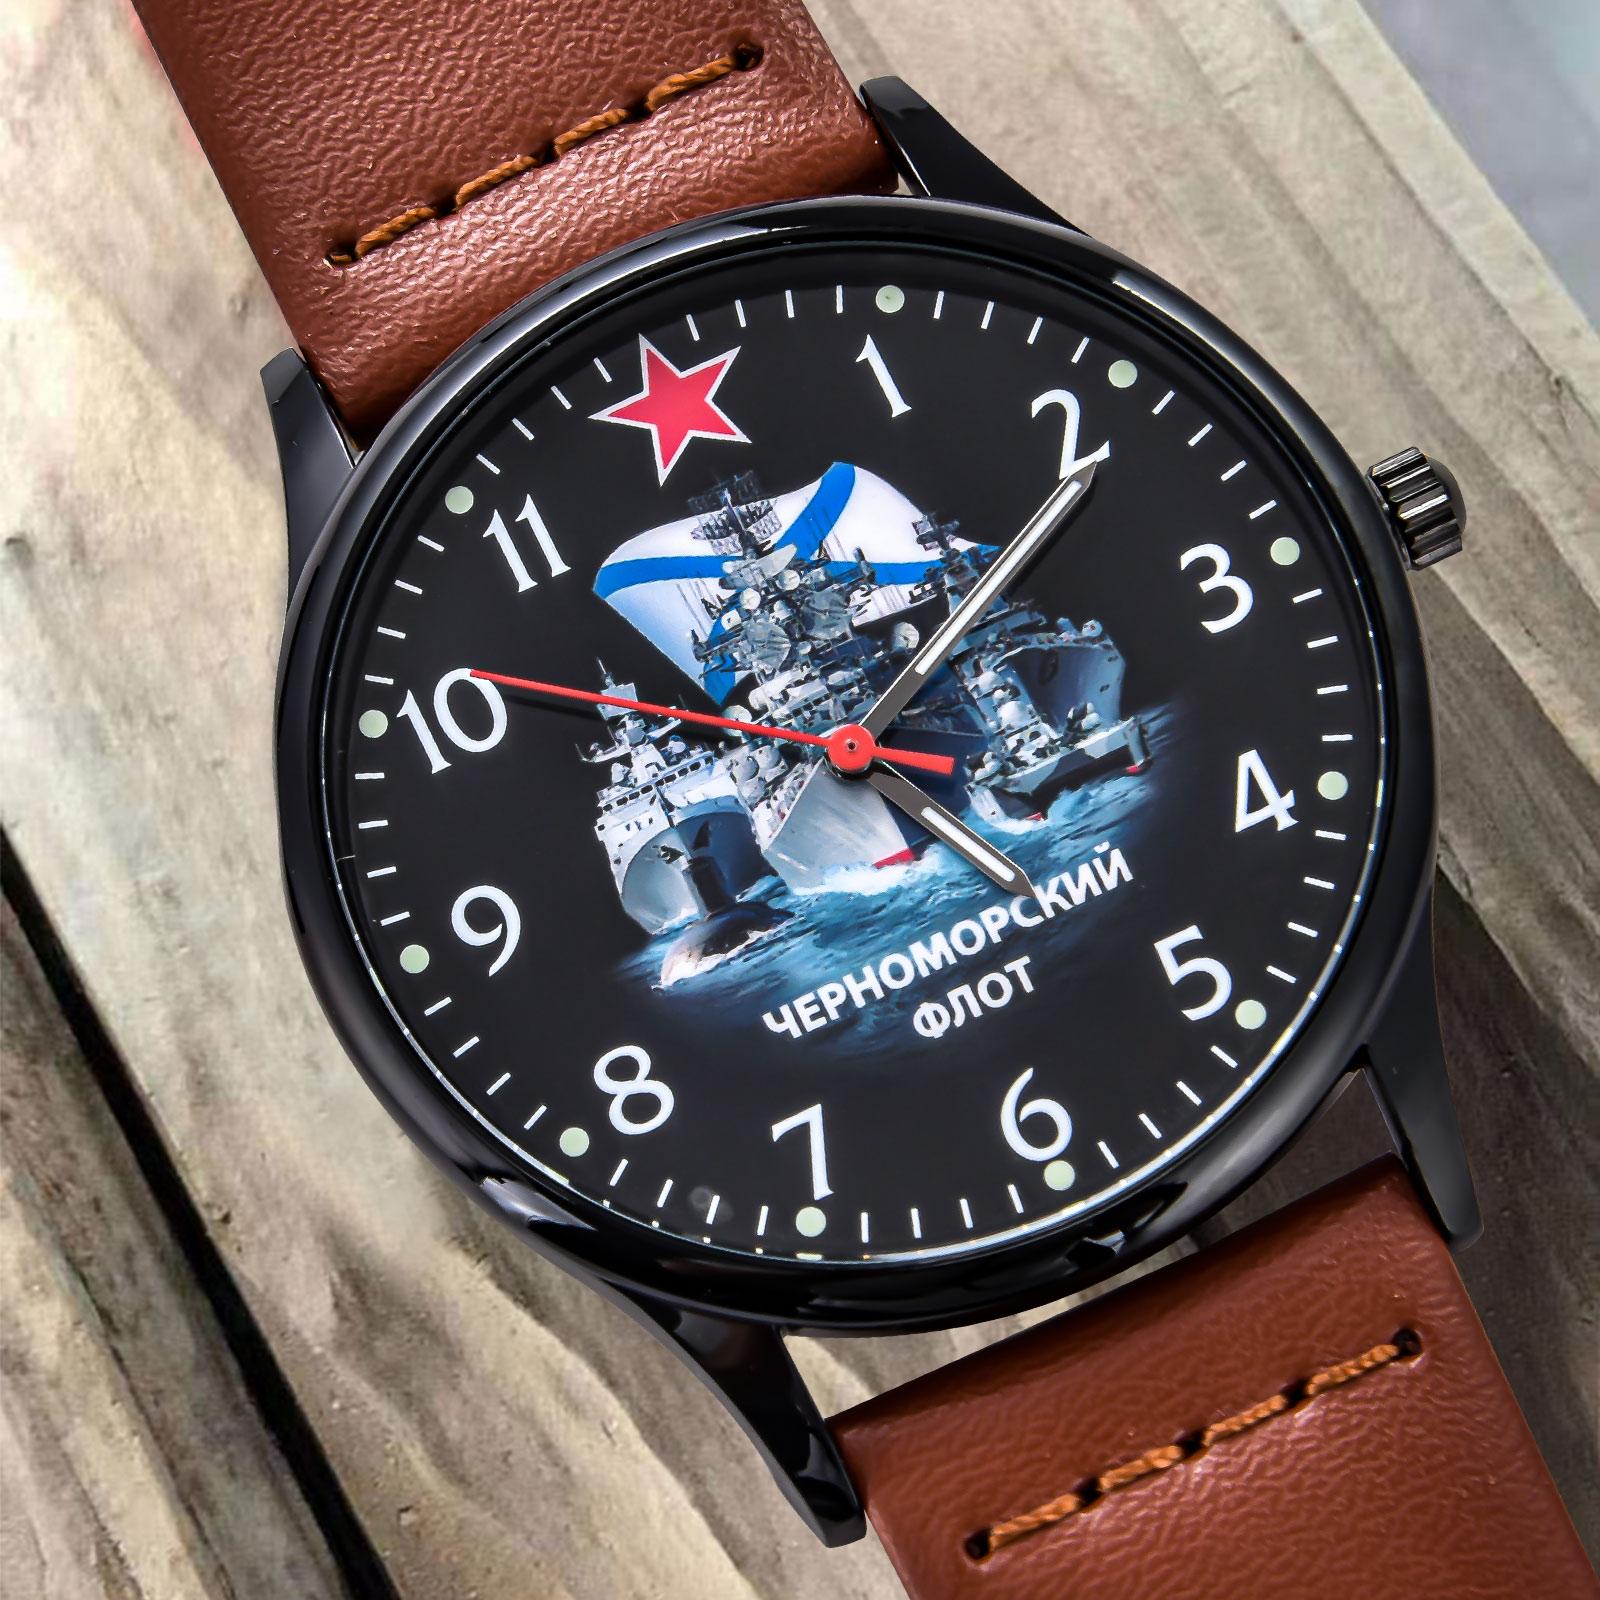 Подарочные командирские часы Черноморский флот